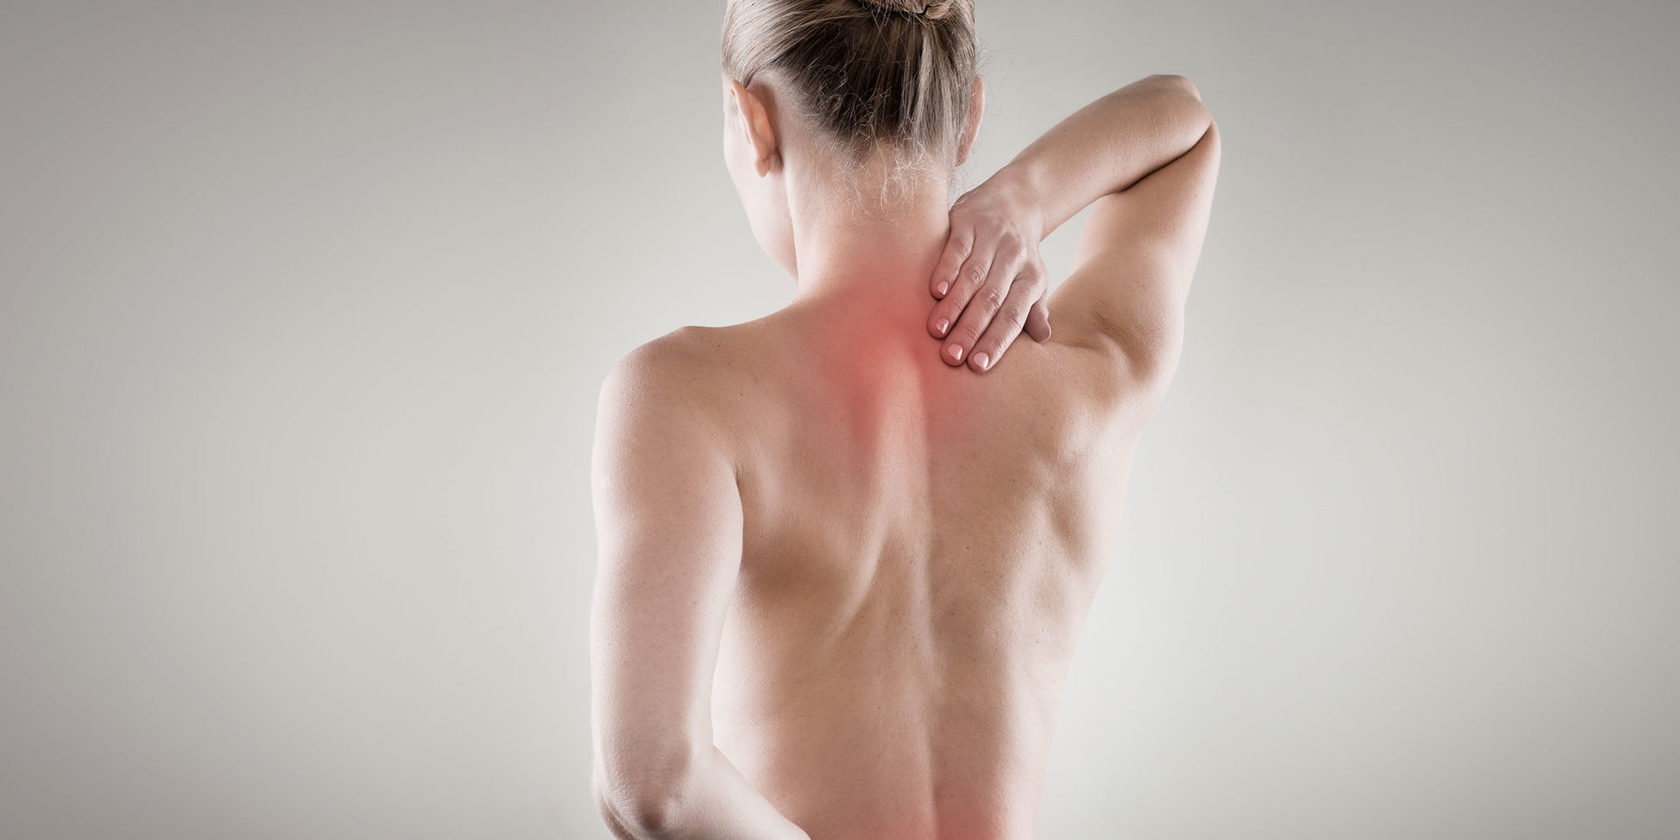 Причины болей в грудном отделе позвоночника